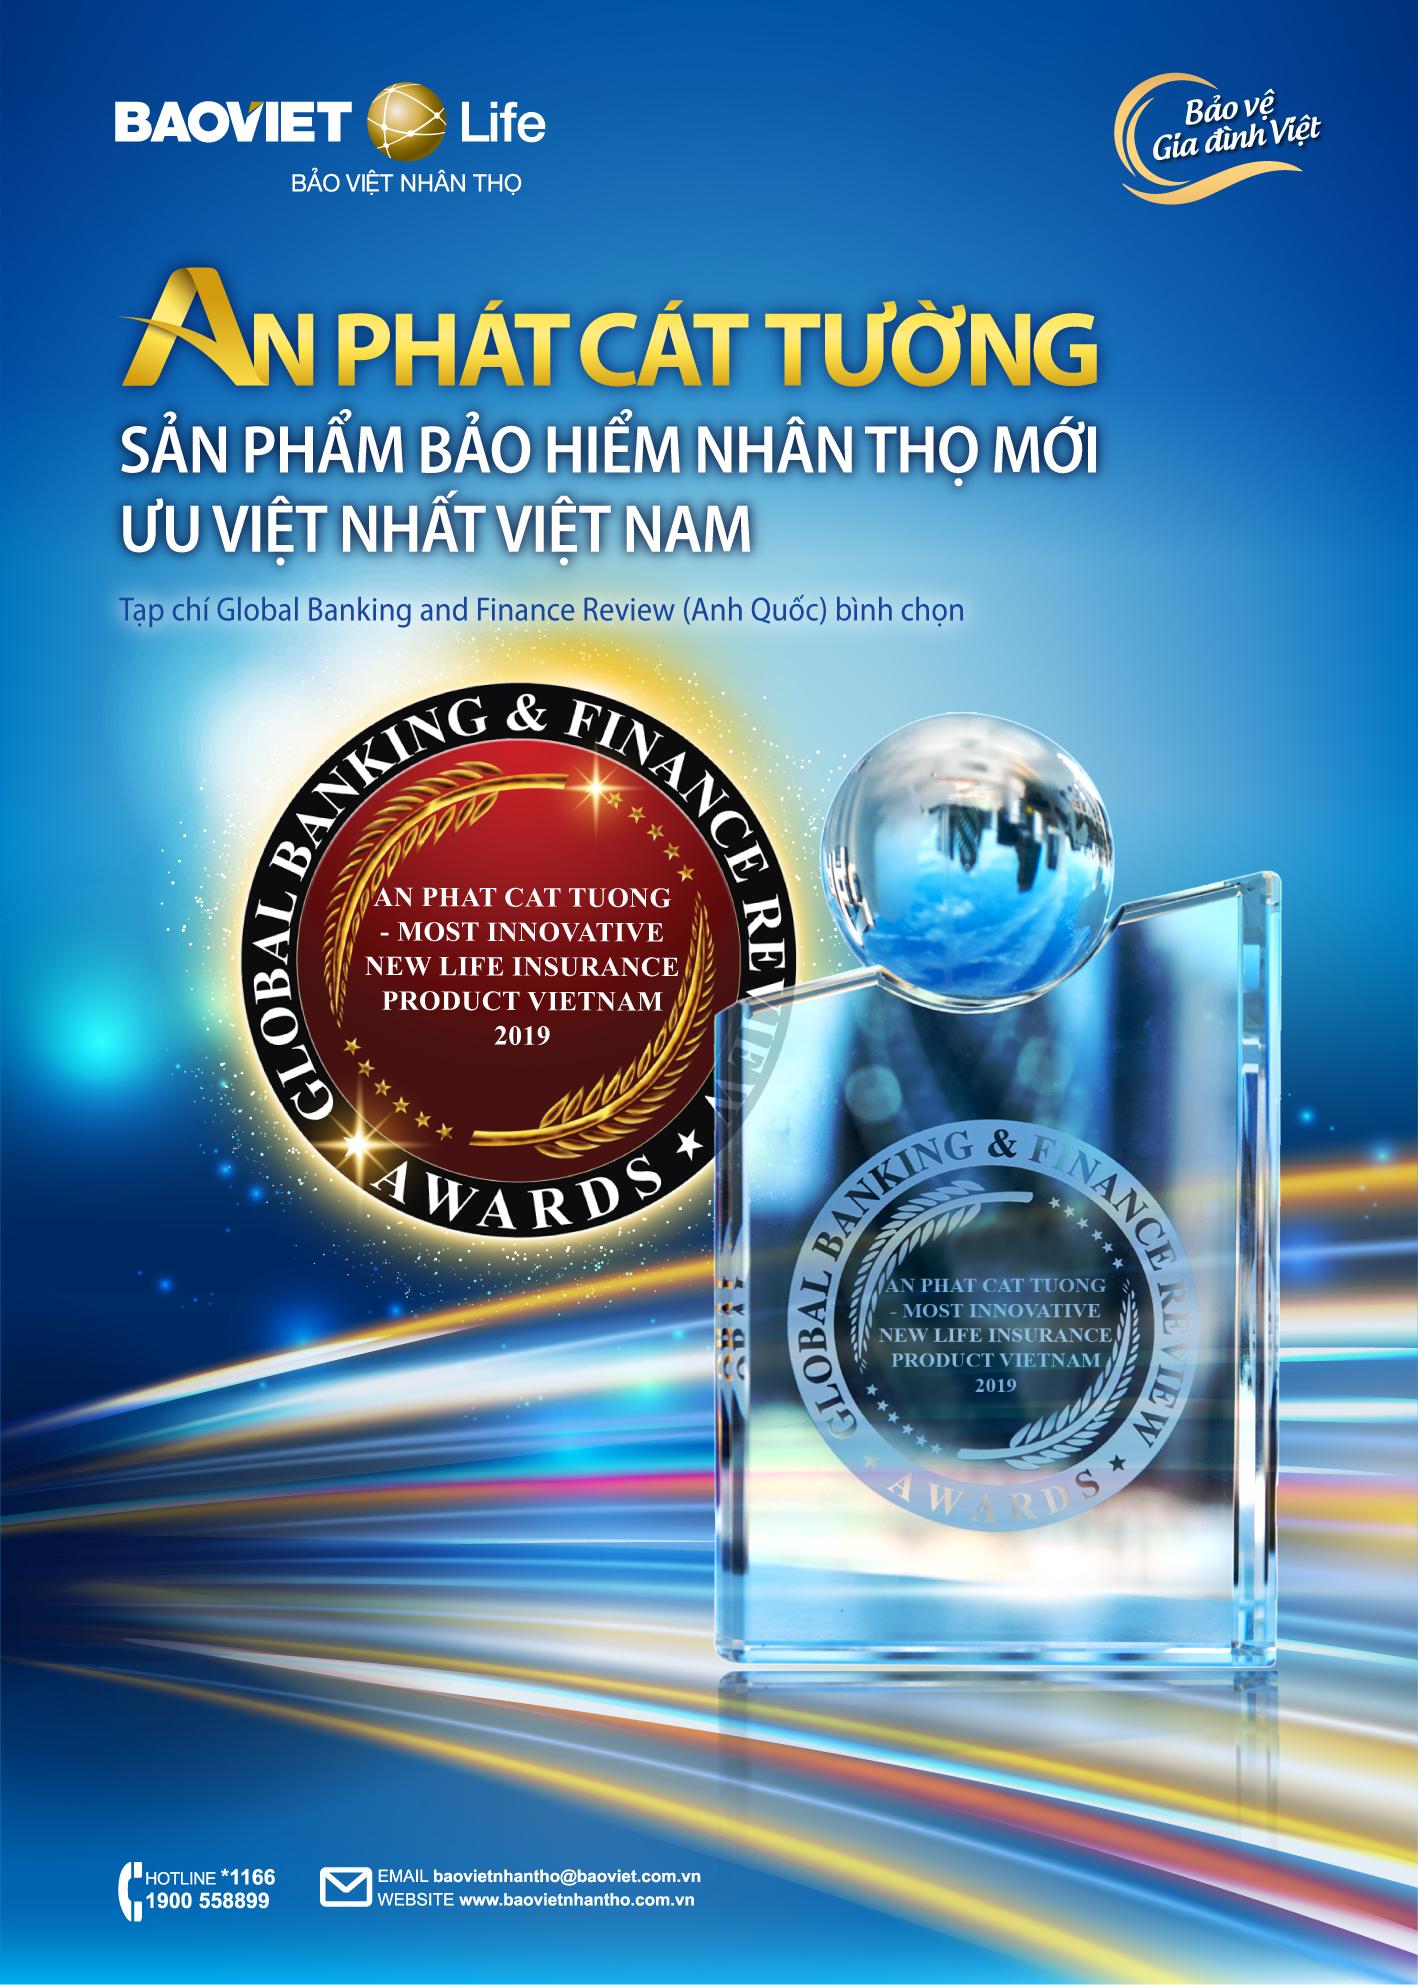 """""""An Phát Cát Tường"""" nhận giửi thưởng """"Sản phẩm Bảo hiểm nhân thọ mới ưu việt nhất Việt Nam"""""""